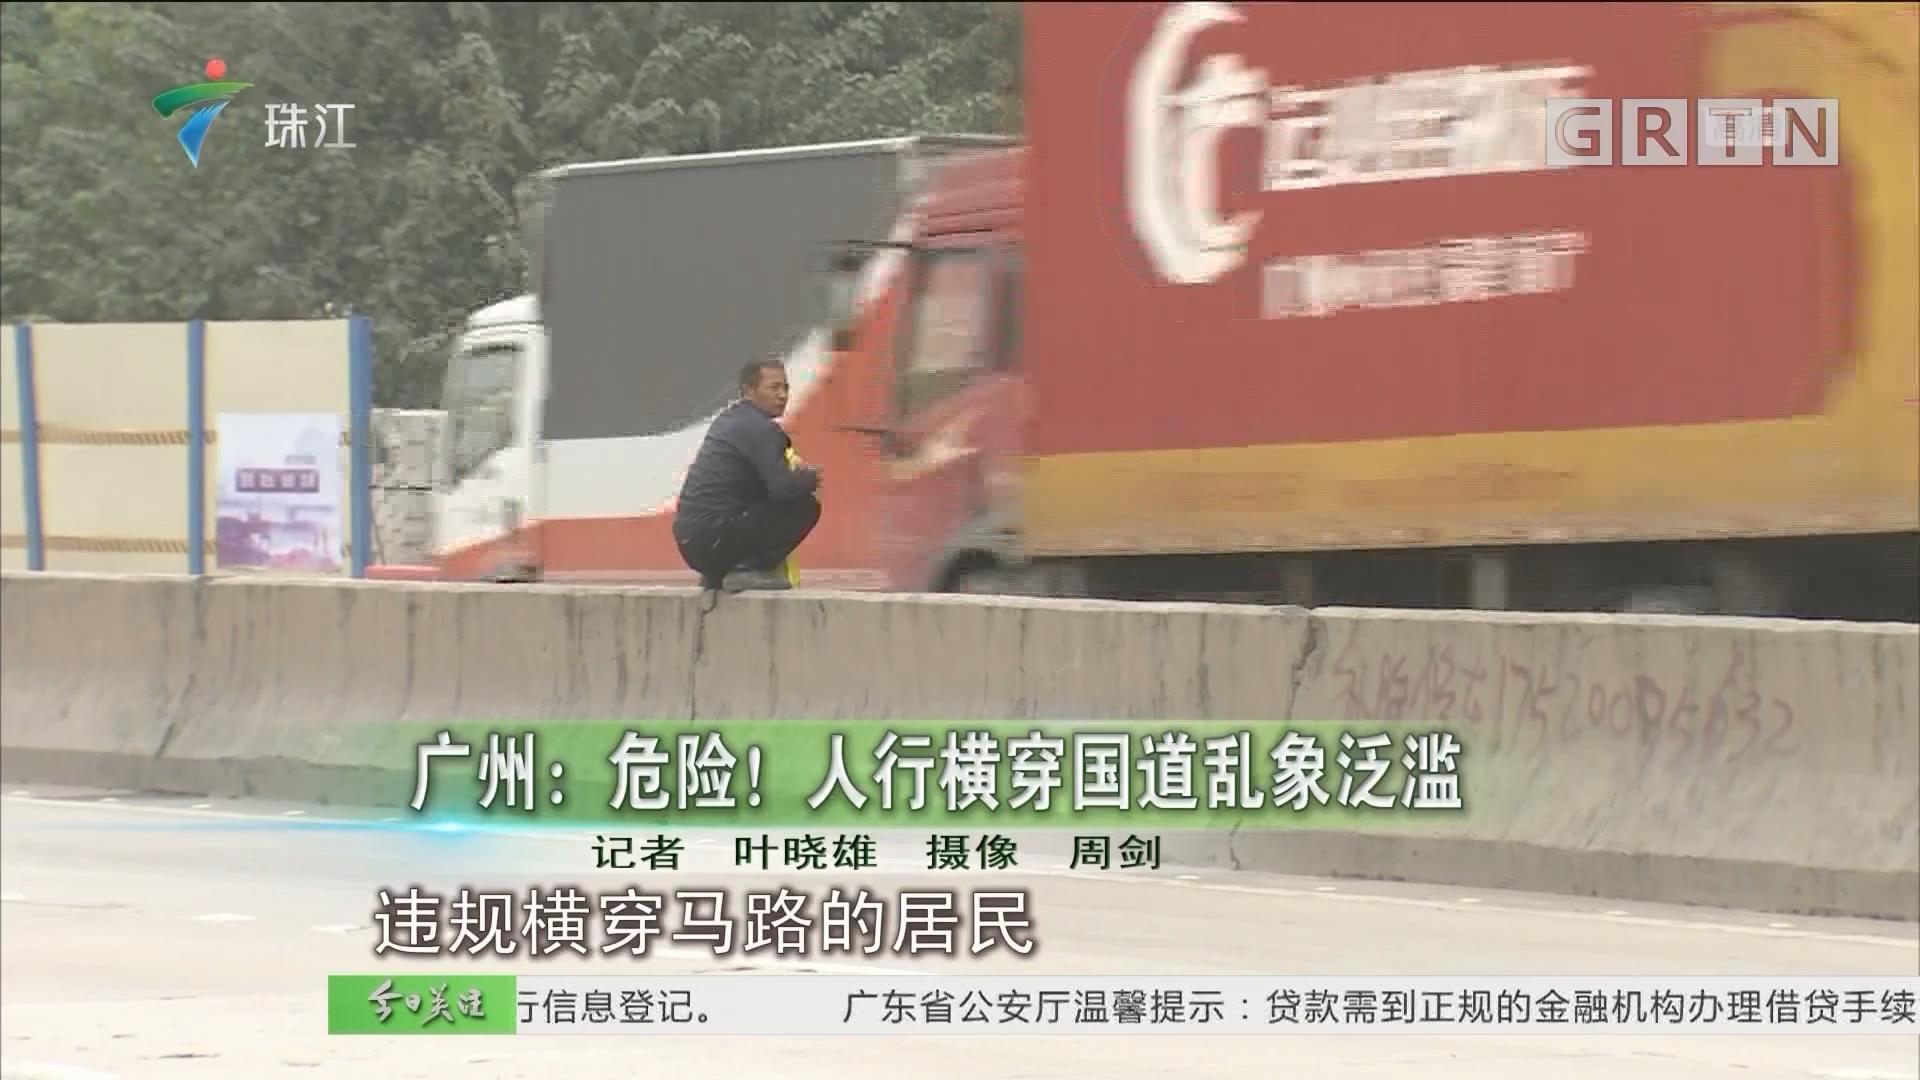 广州:危险!人行横穿国道乱象泛滥